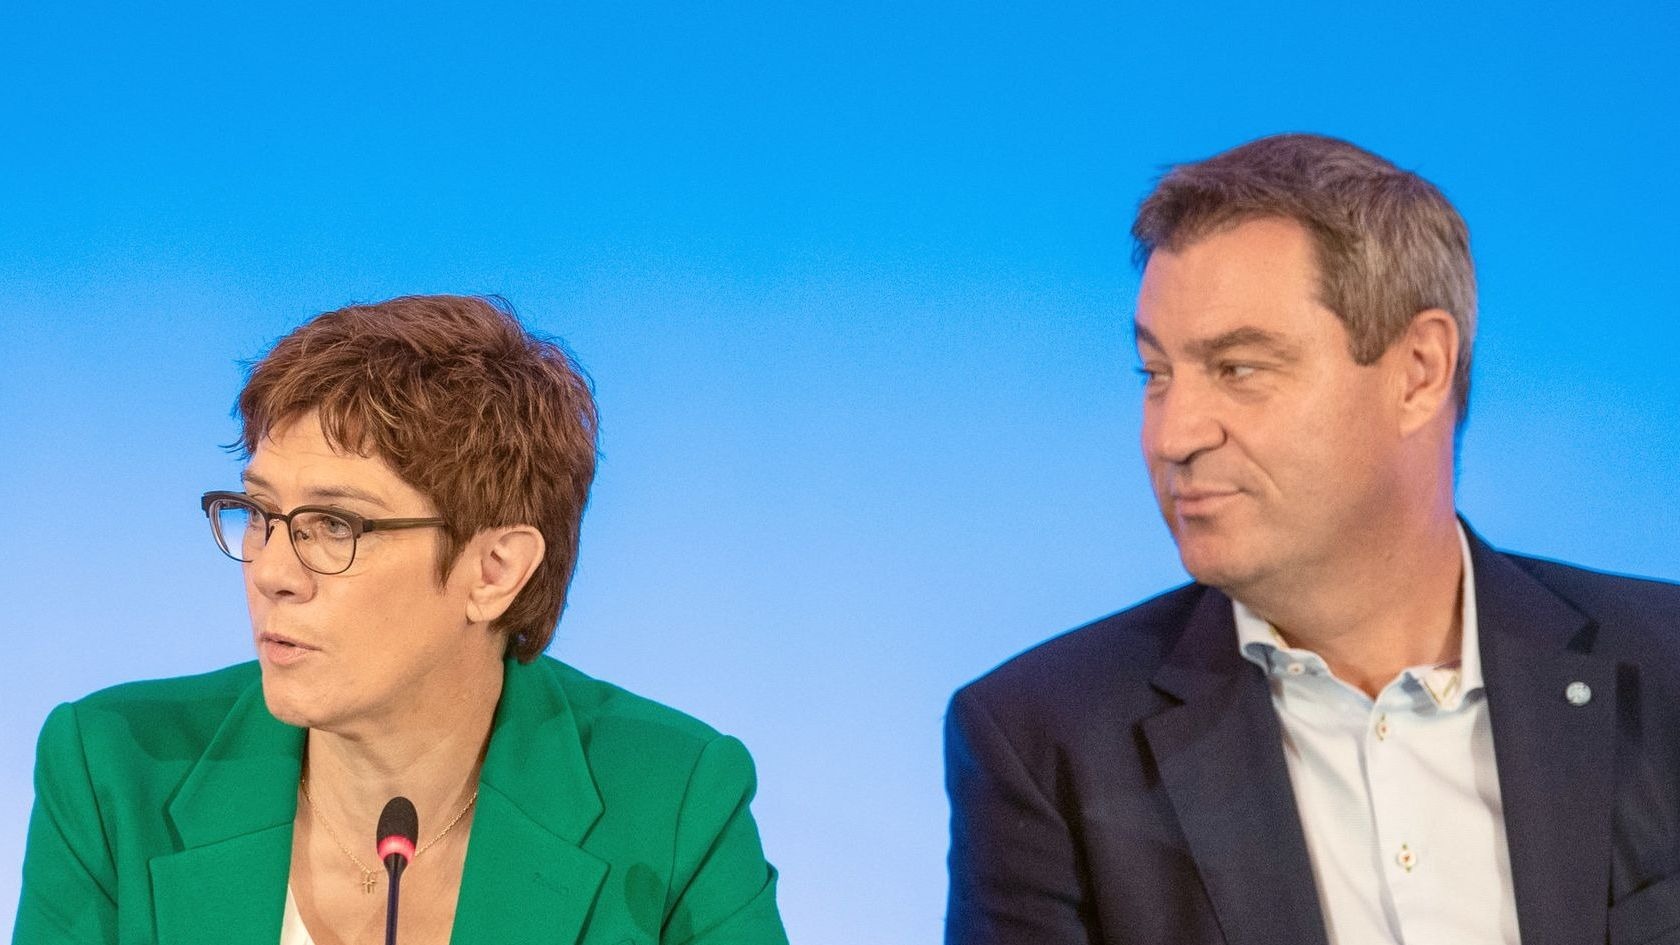 Die CDU regiert in Sachsen seit 1990, nun könnten ungewöhnliche Koalitionen nötig werden. In Dresden zeigten CDU und CSU Geschlossenheit: